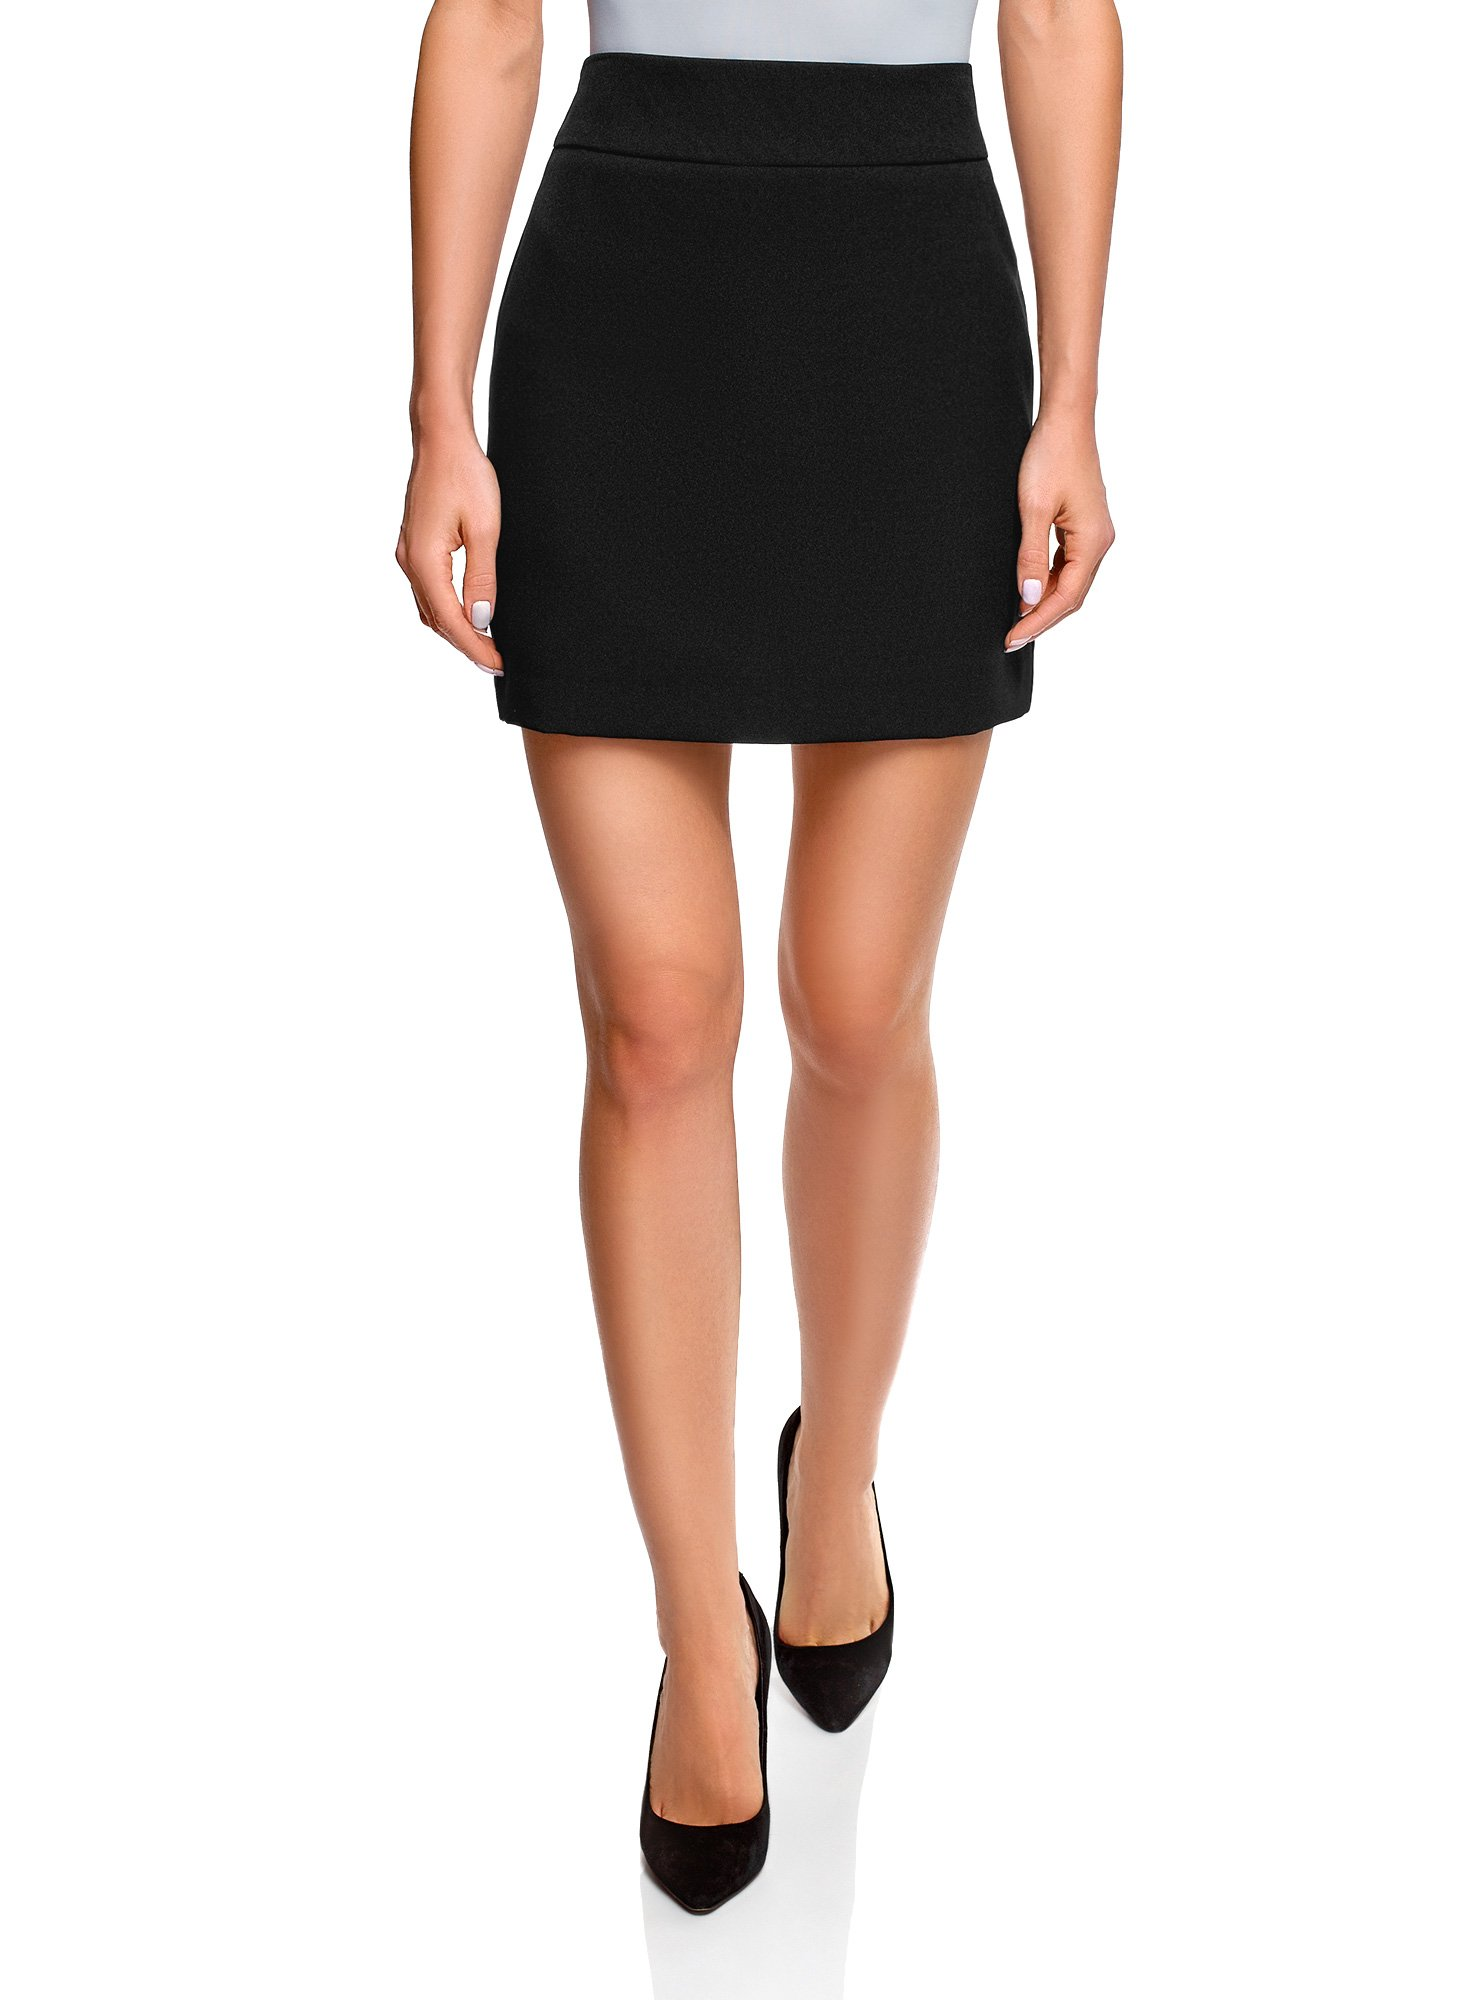 oodji Ultra Women's Basic Short Skirt, Black, 6